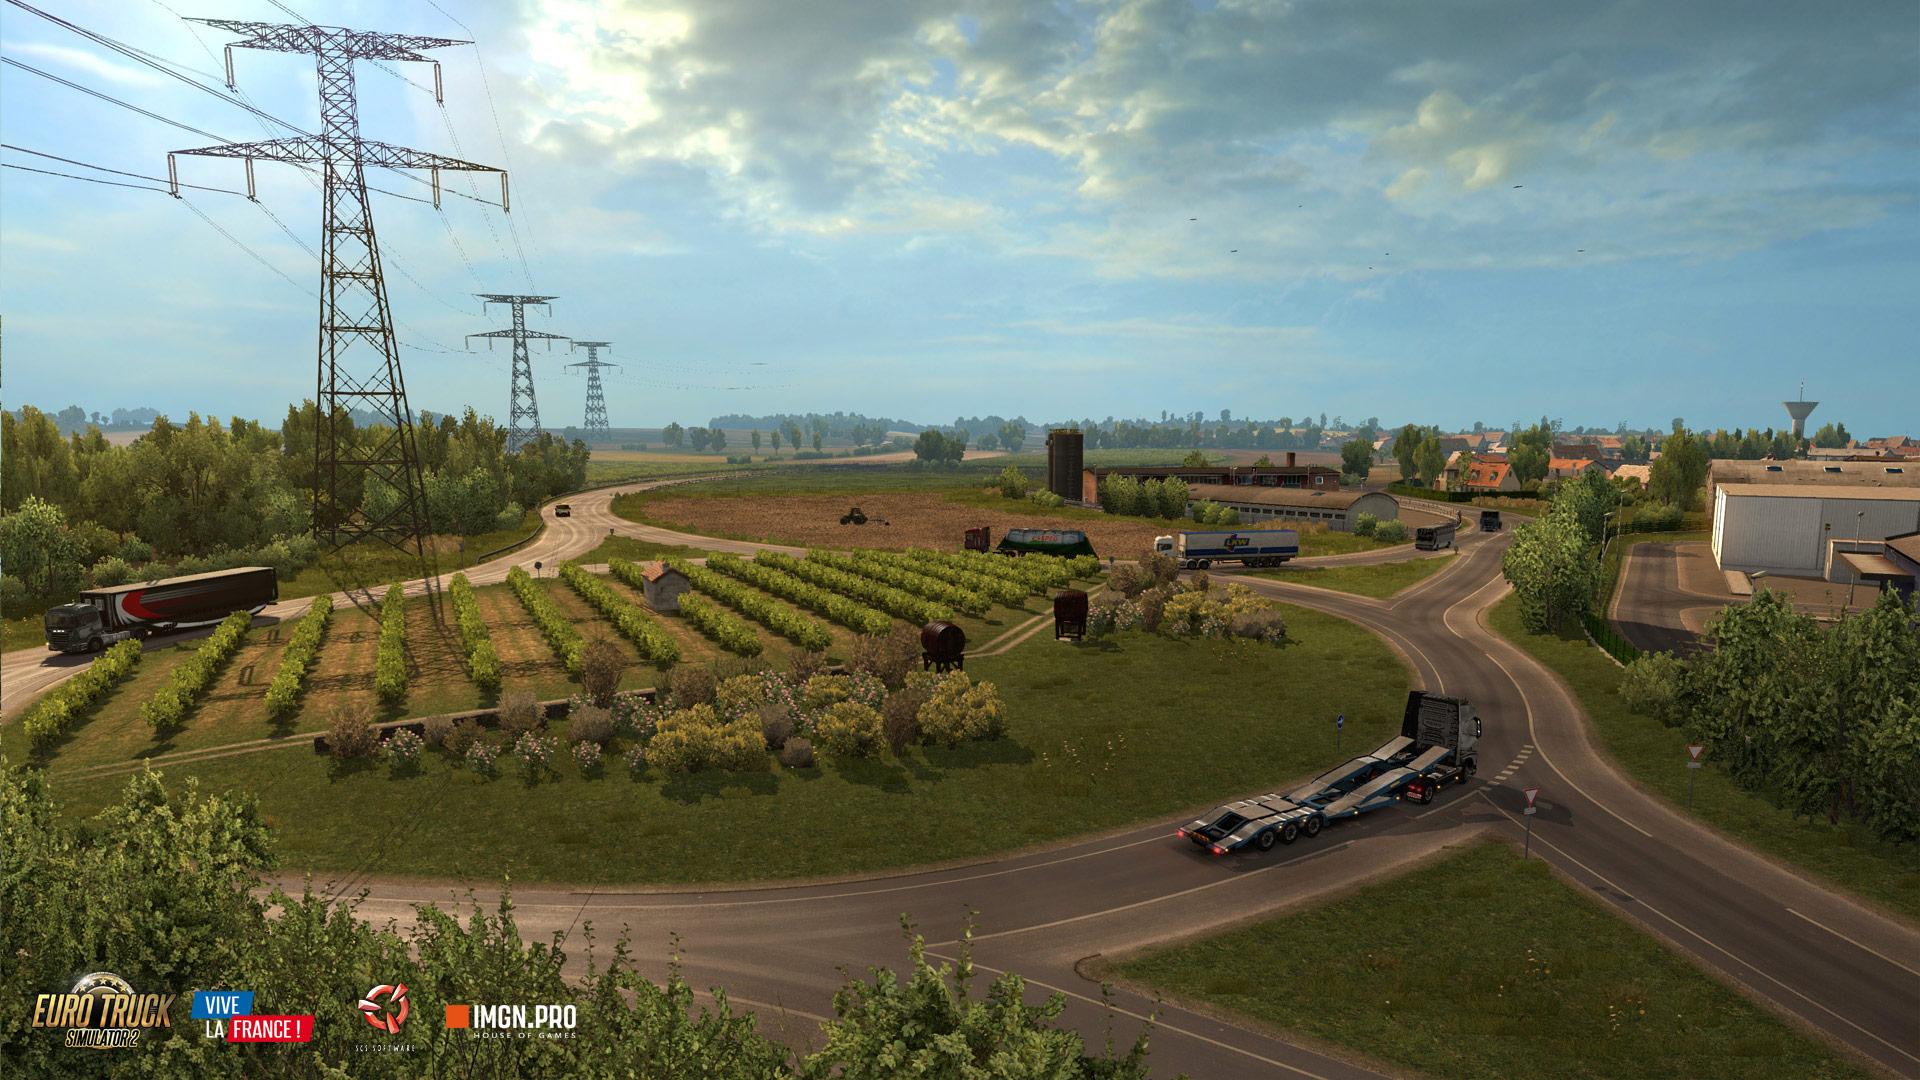 Euro Truck Simulator 2: Vive la France! (2016)